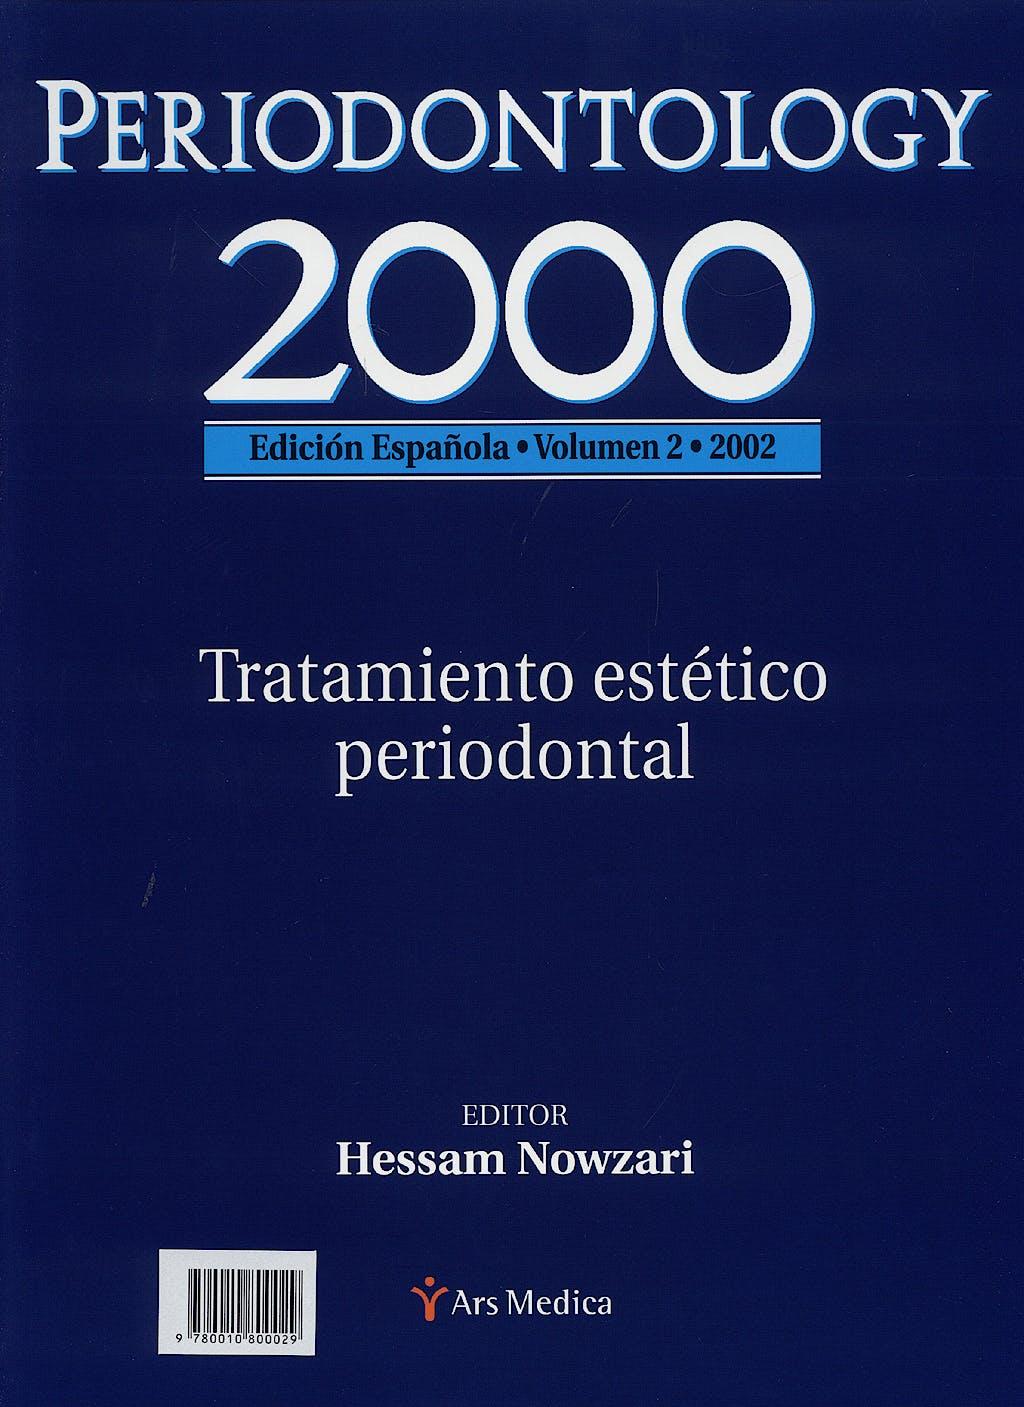 Portada del libro 9780010800029 Periodontology 2000, Vol. 2: Tratamiento Estetico Periodontal